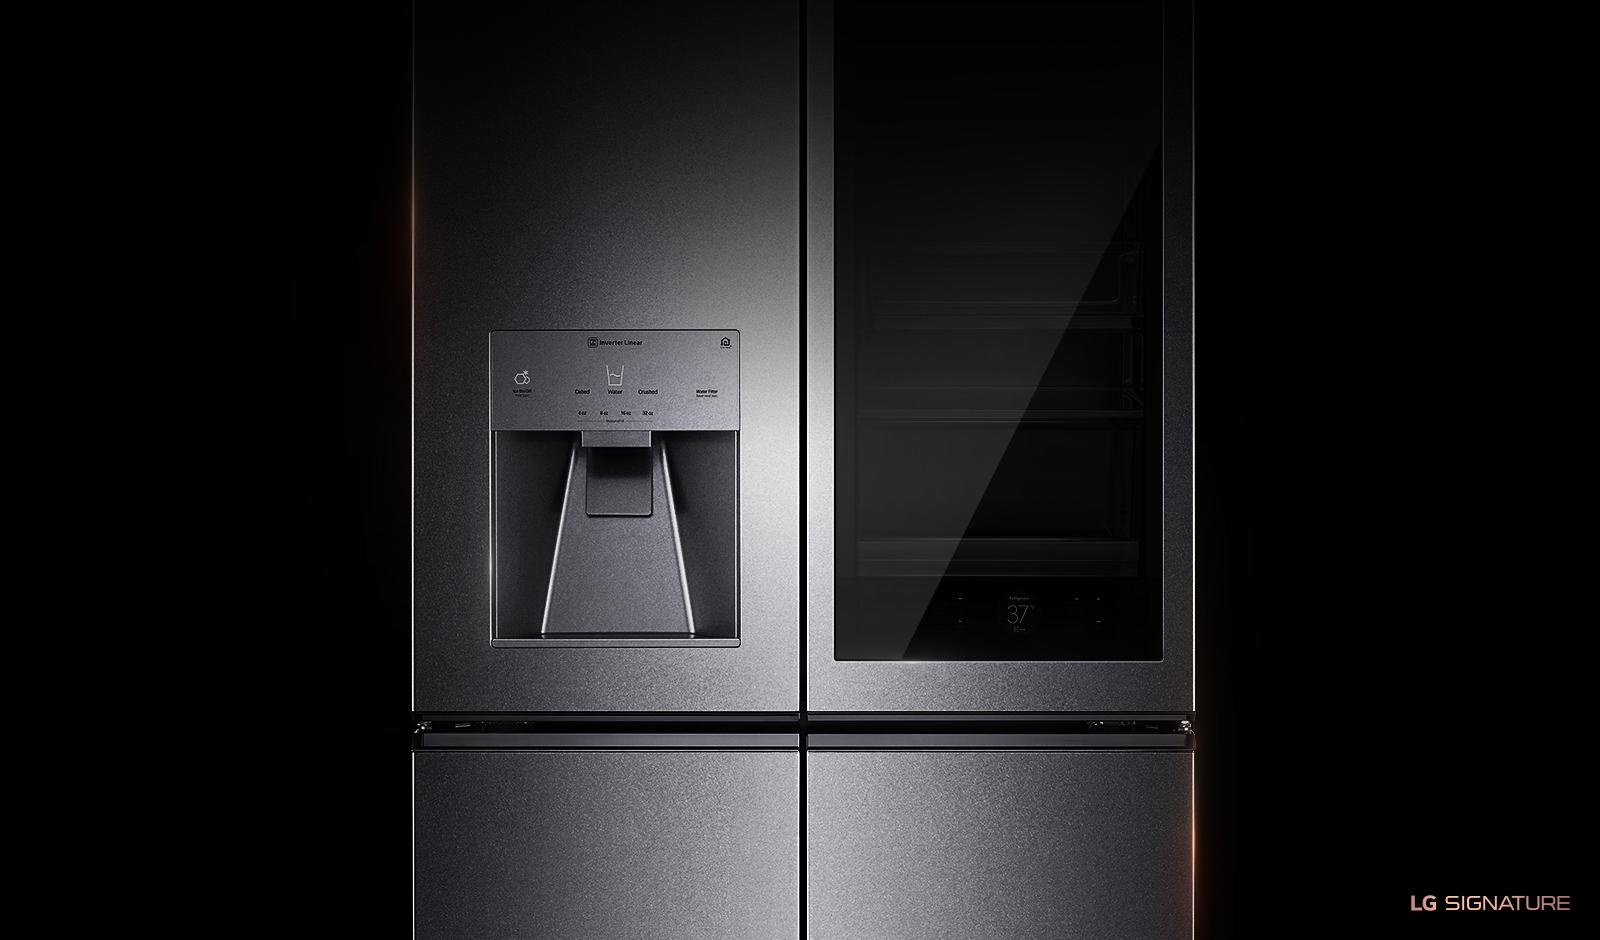 LG SIGNATURE 31 cu. ft. InstaView™ Door-in-Door® Refrigerator